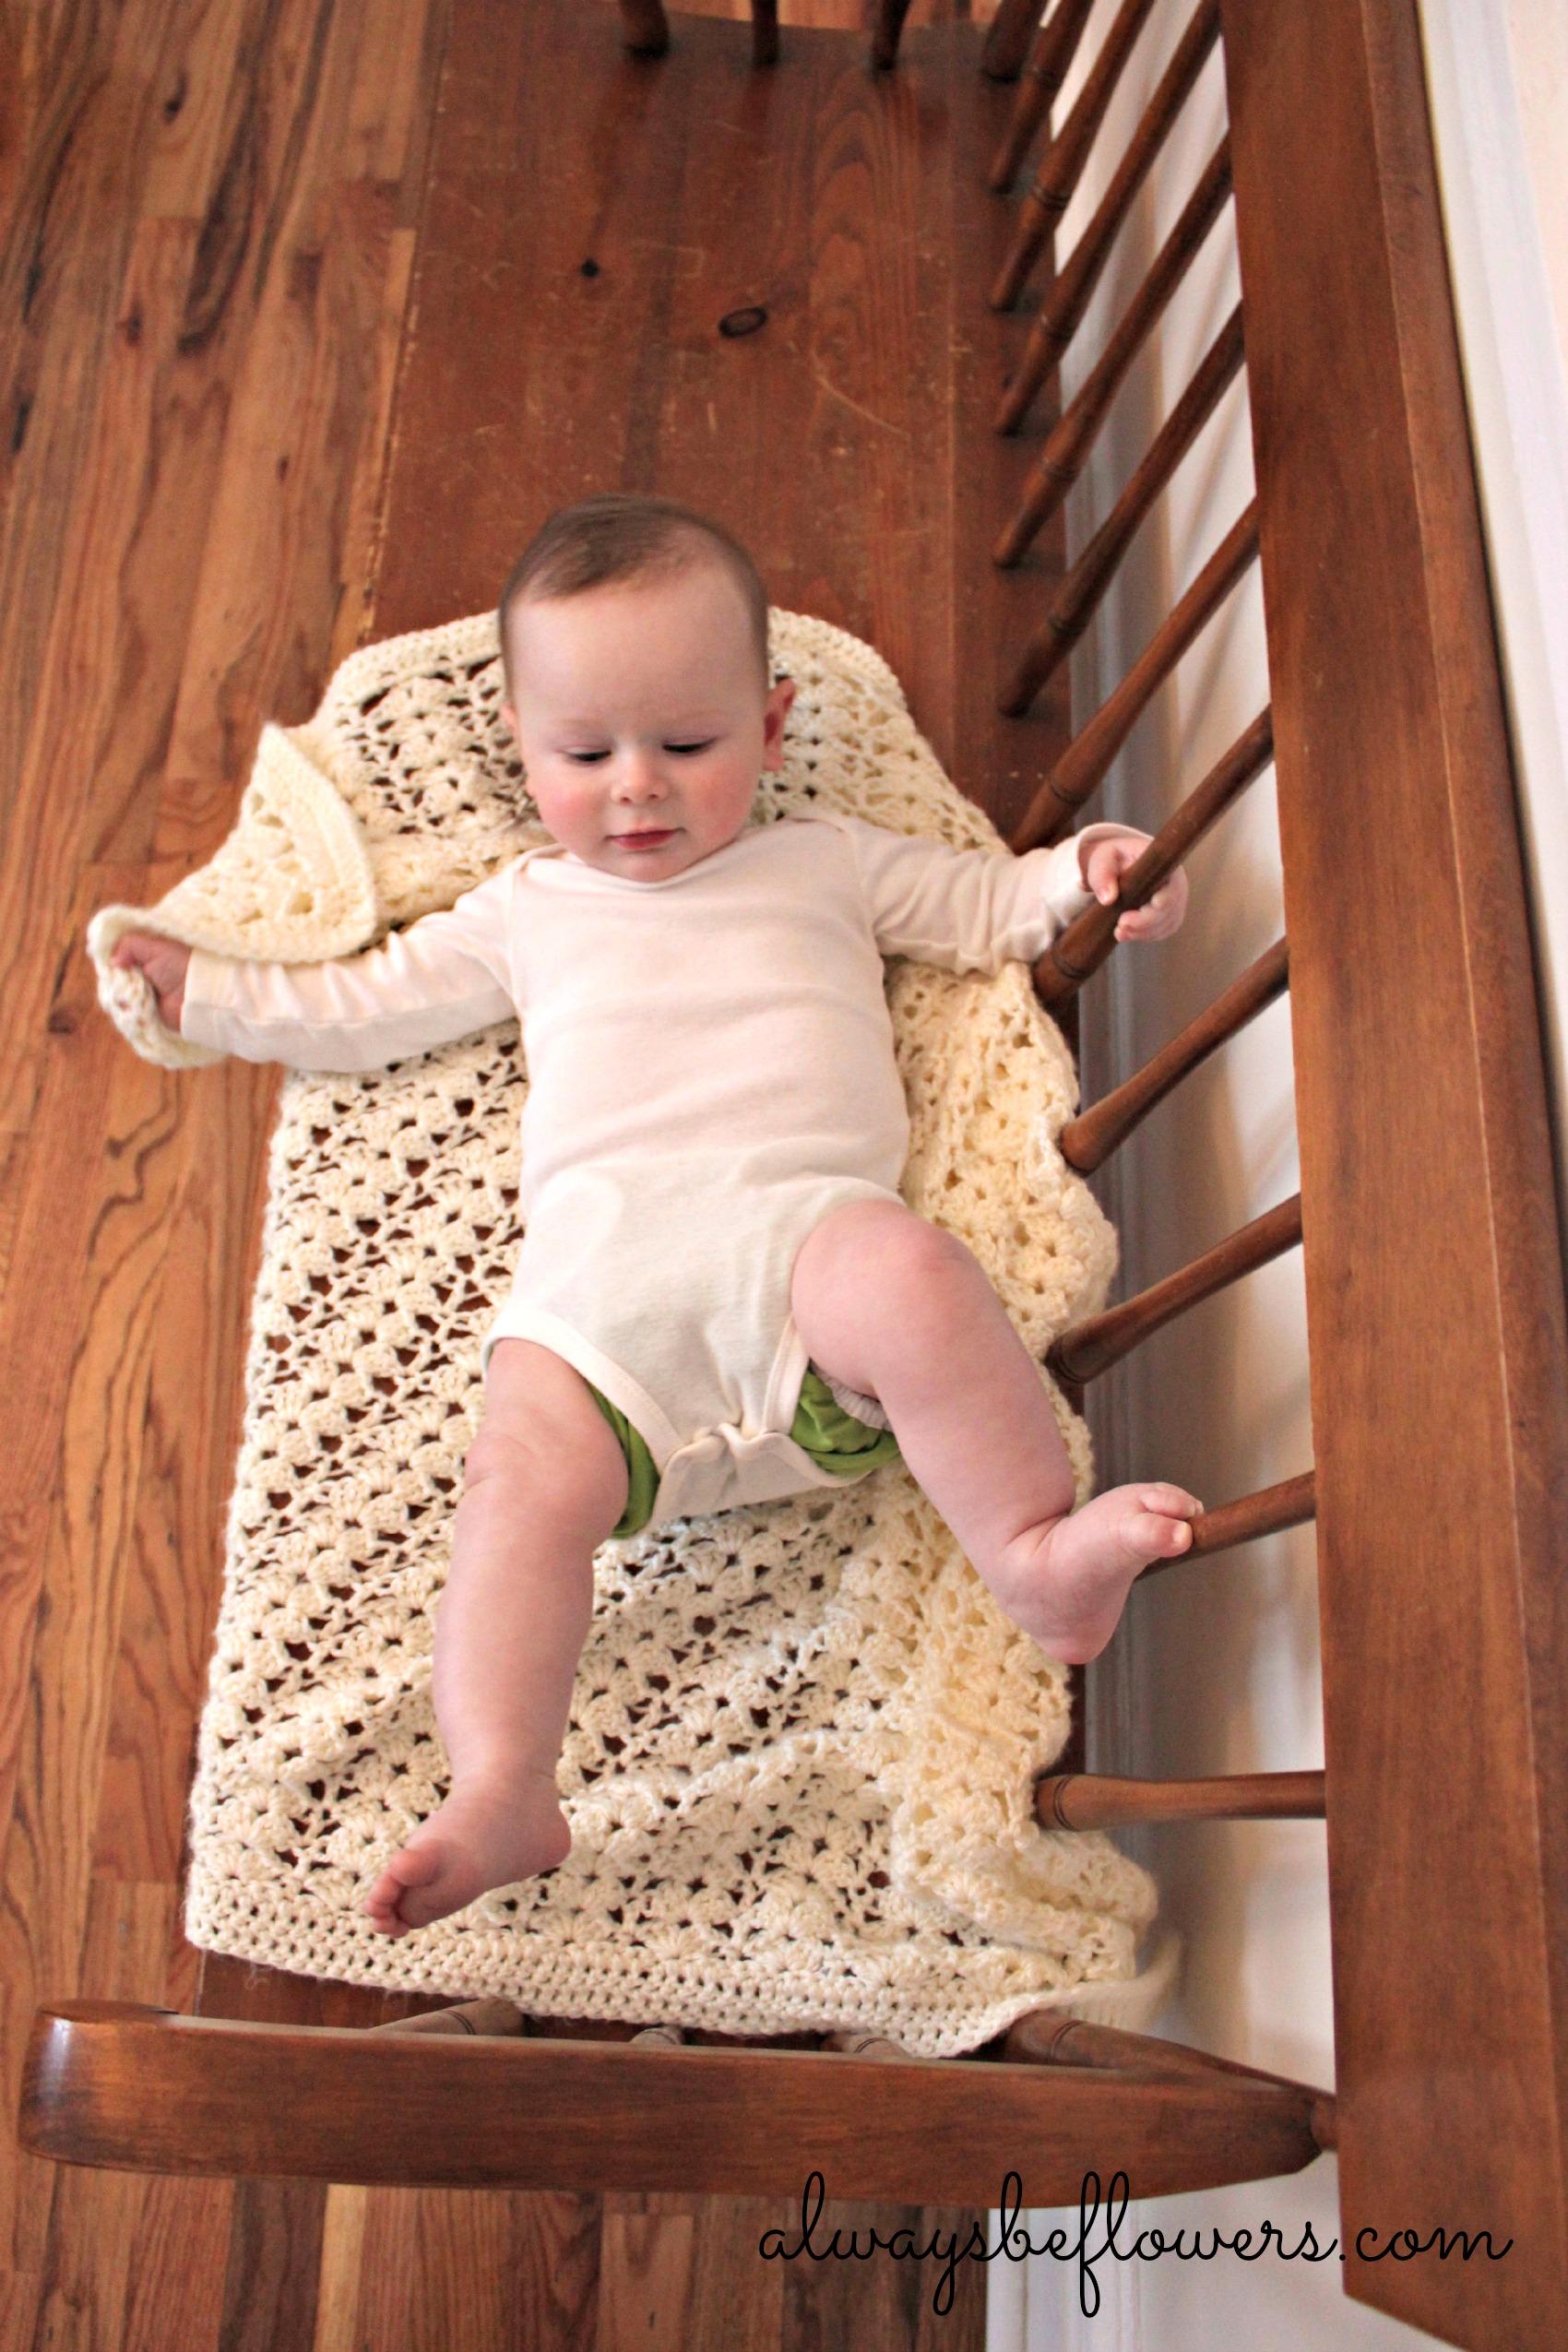 Baby on a bench-Mom photographer fail!